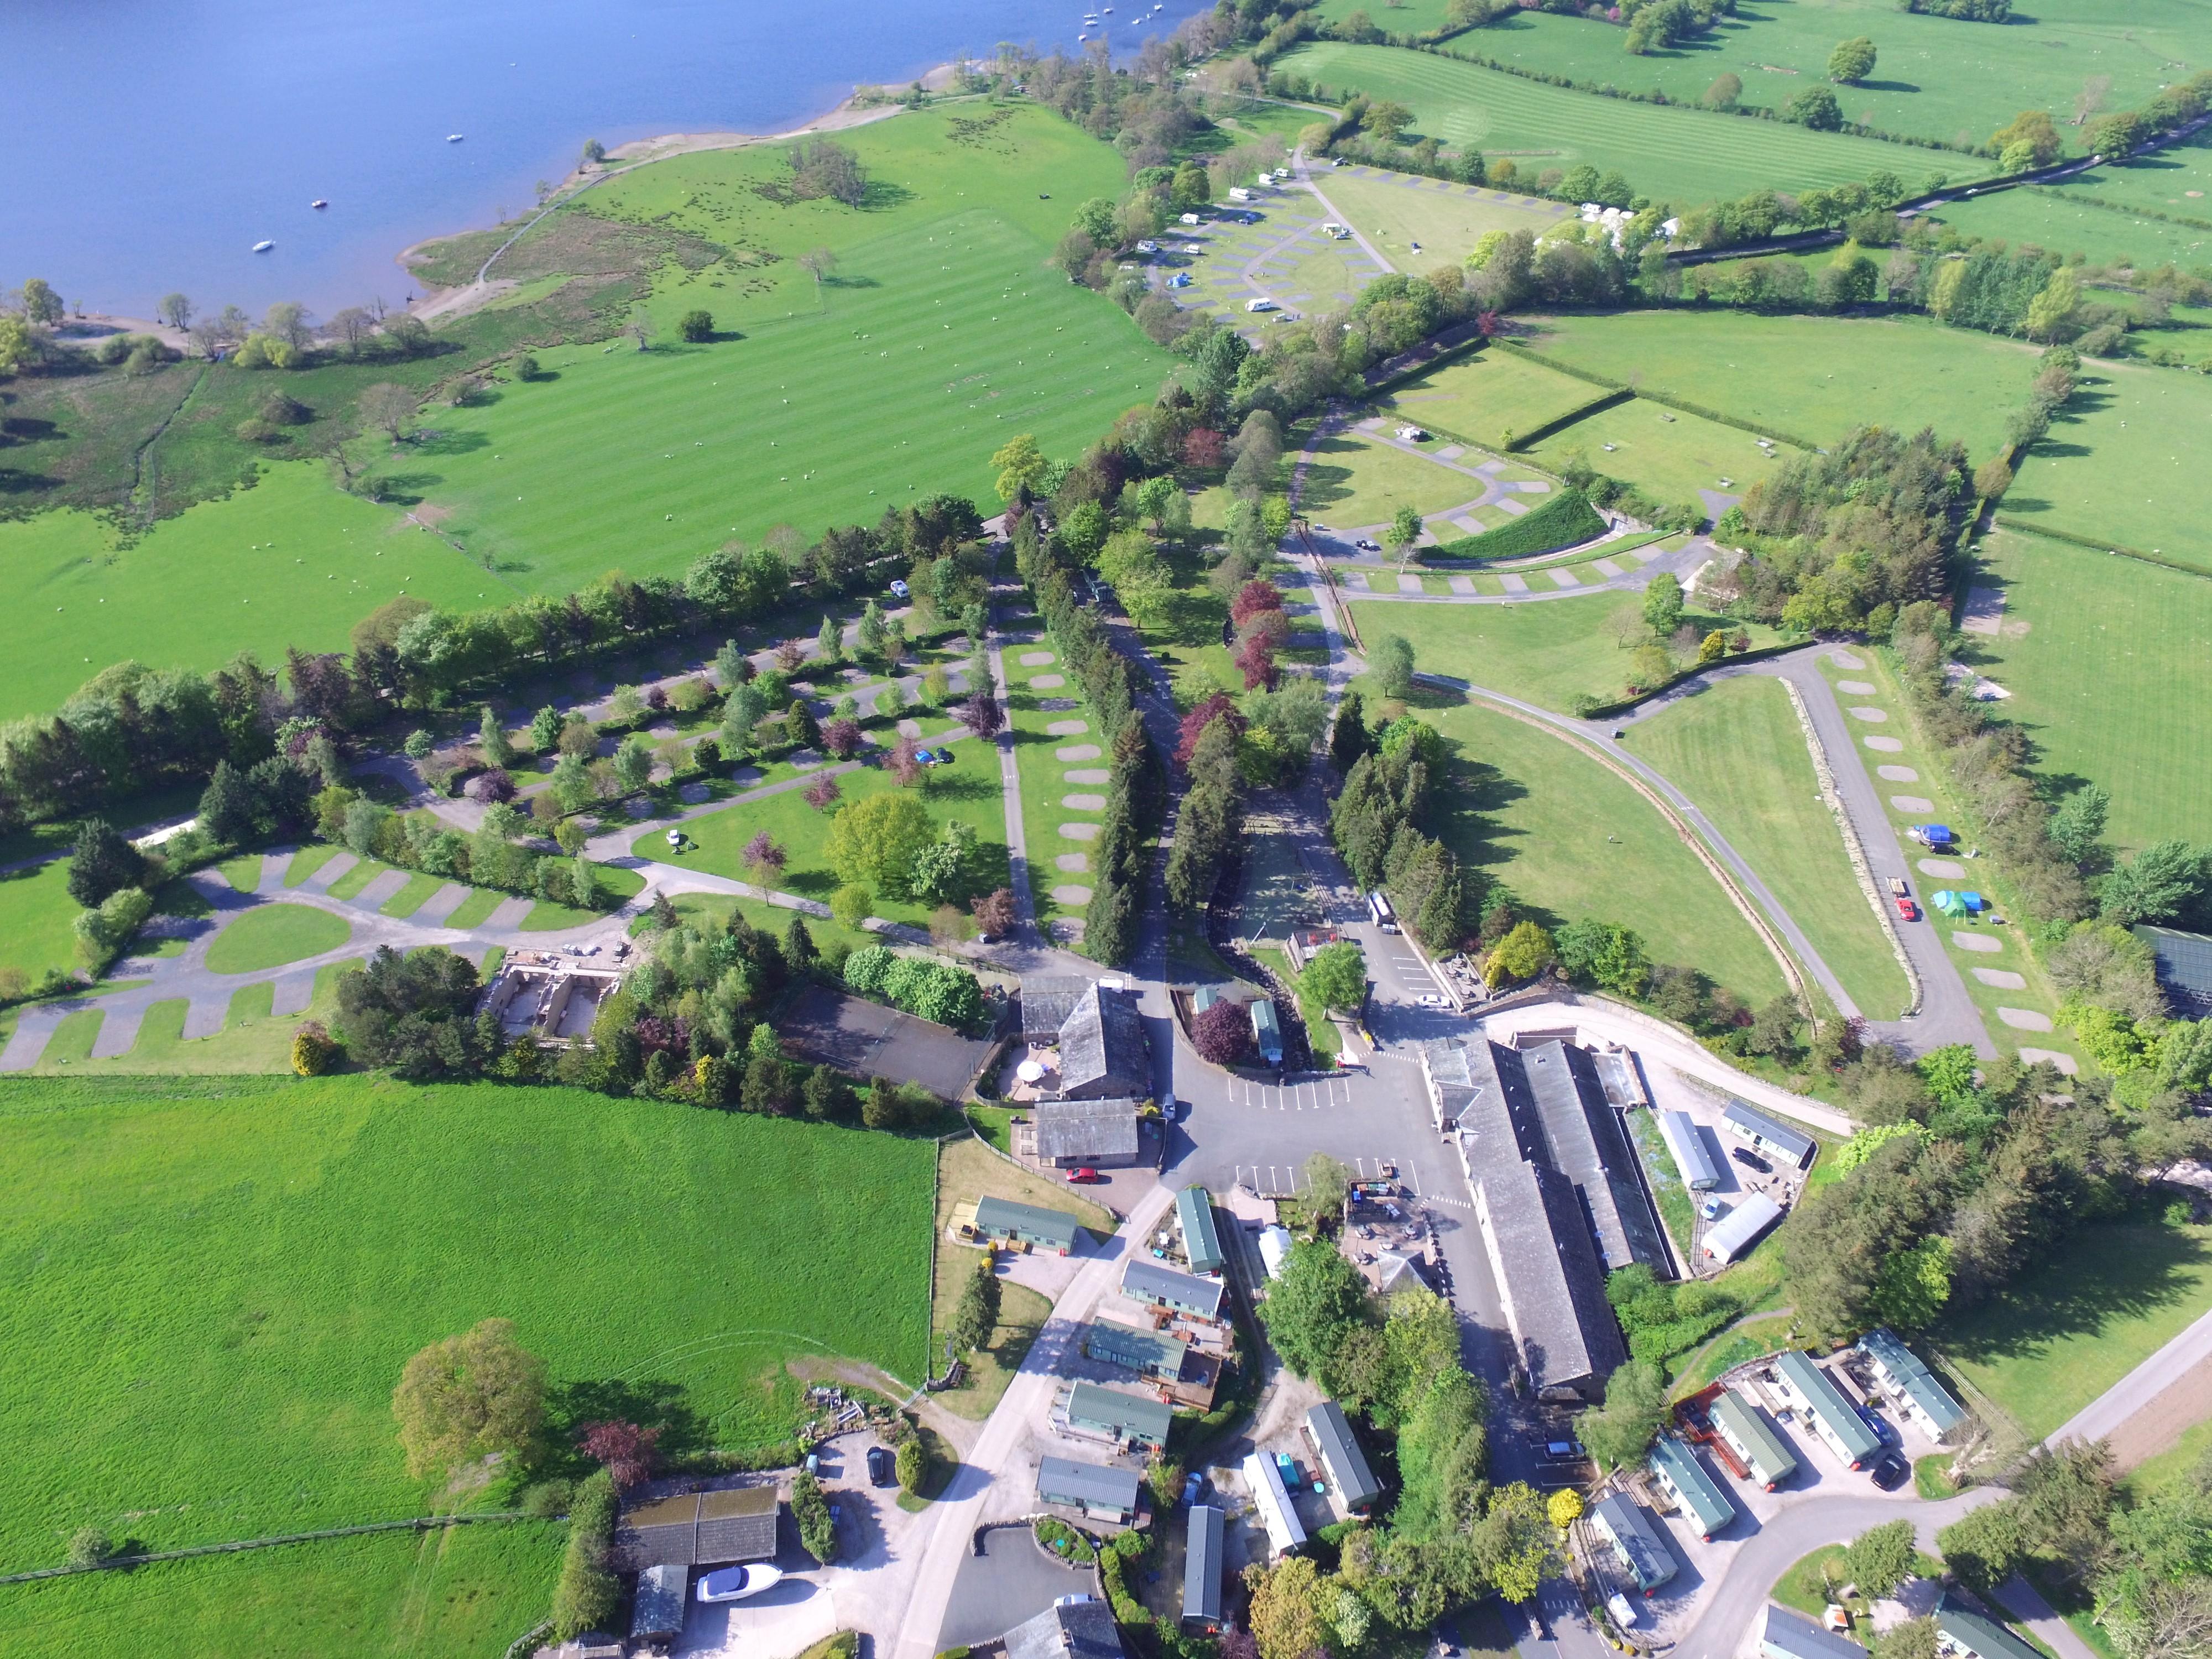 parkfoot-aerial-view